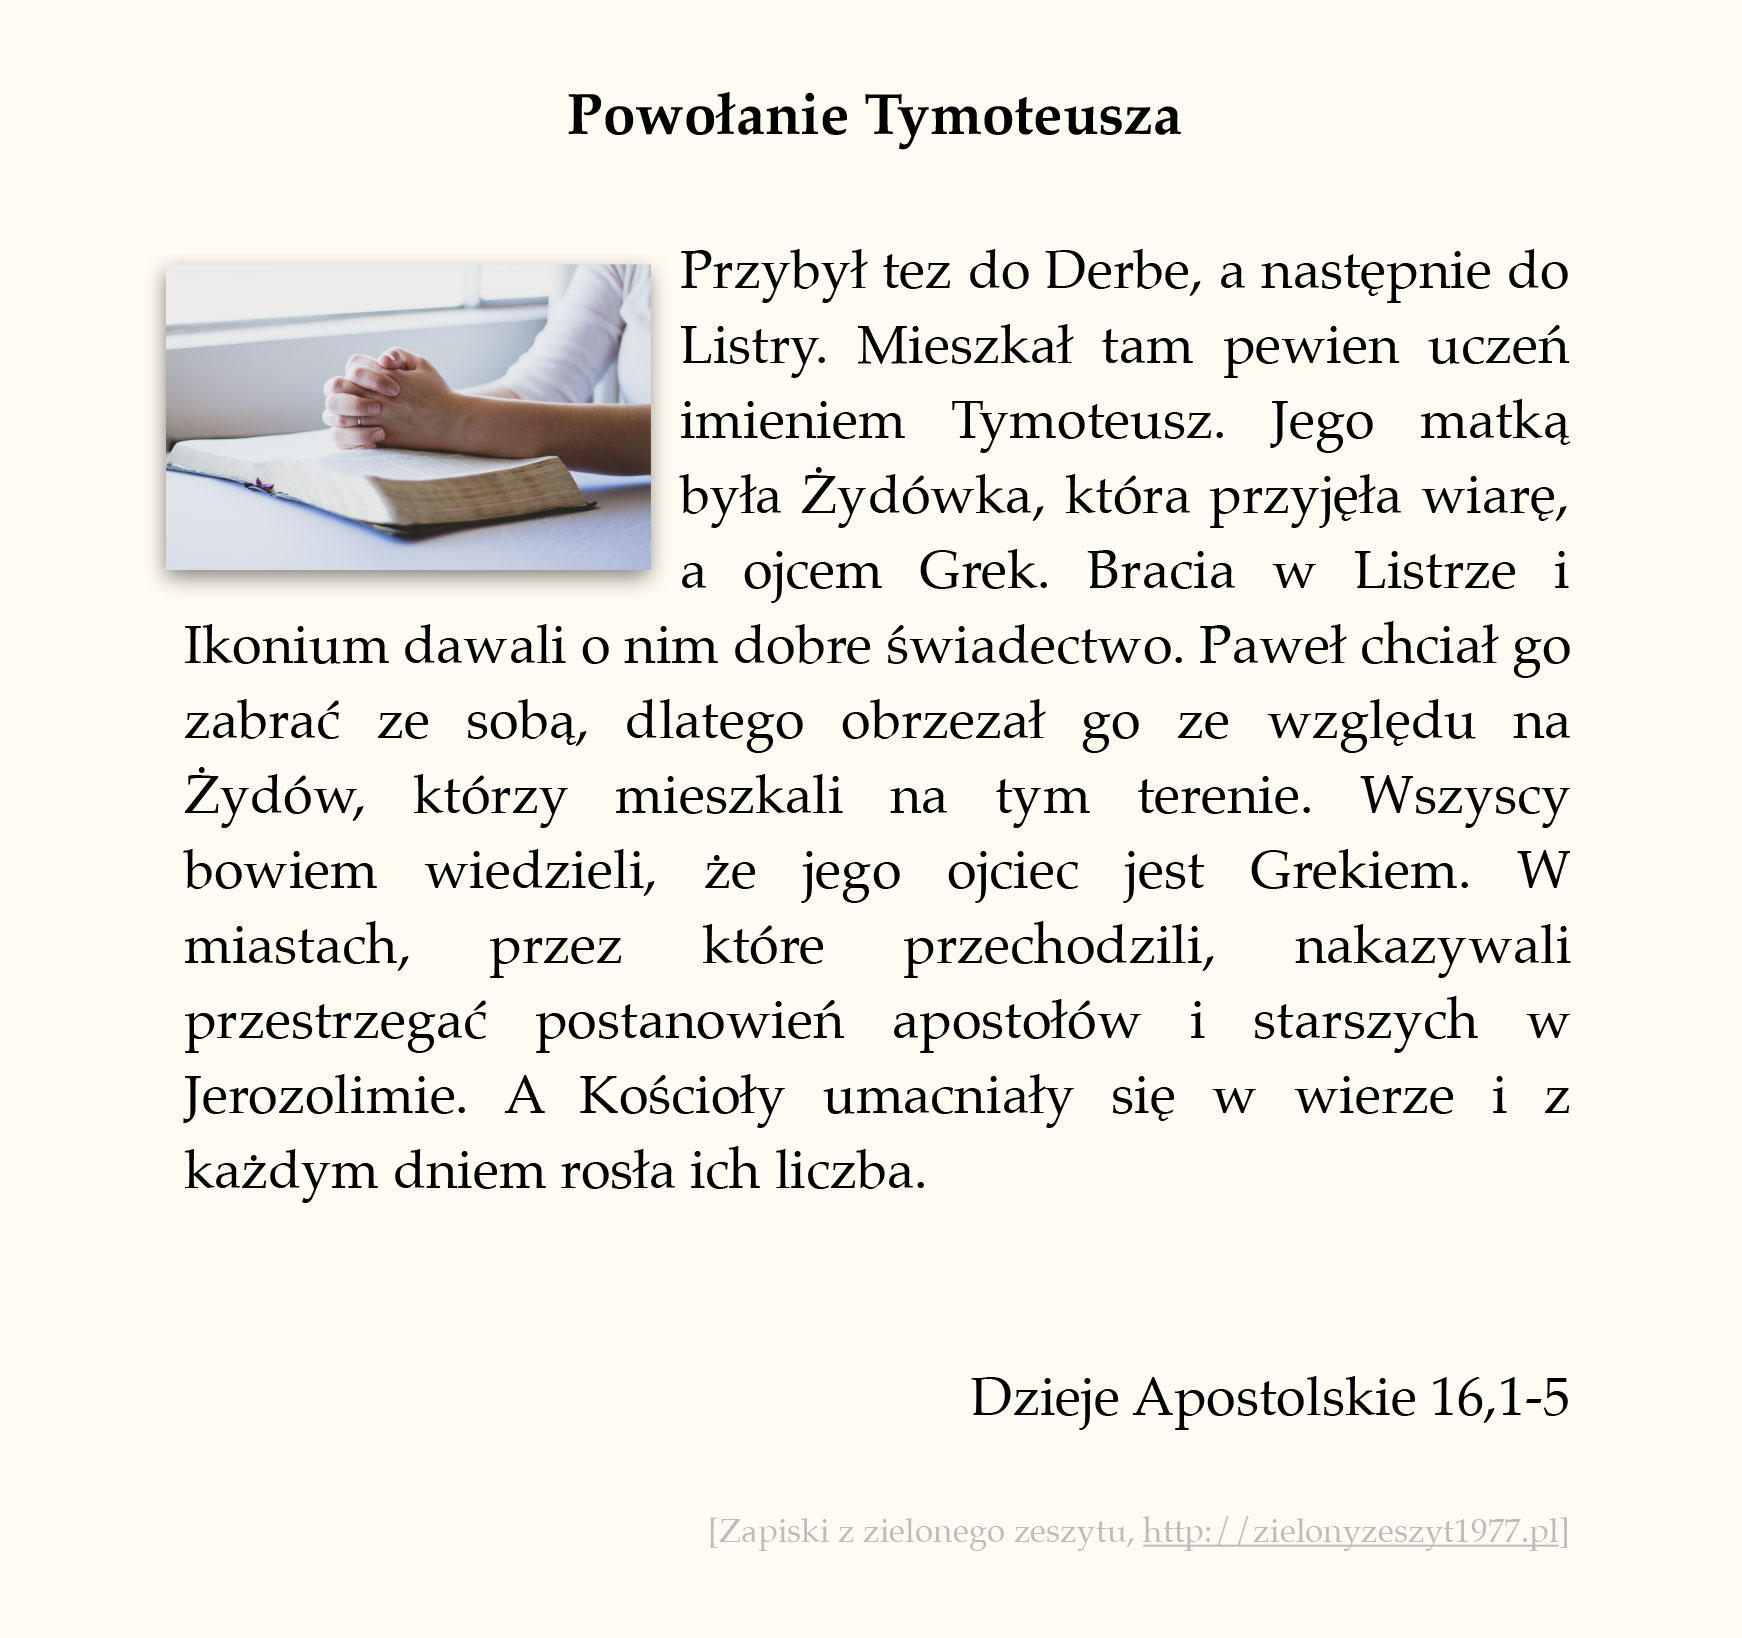 Powołanie Tymoteusza; Dzieje Apostolskie (#70)